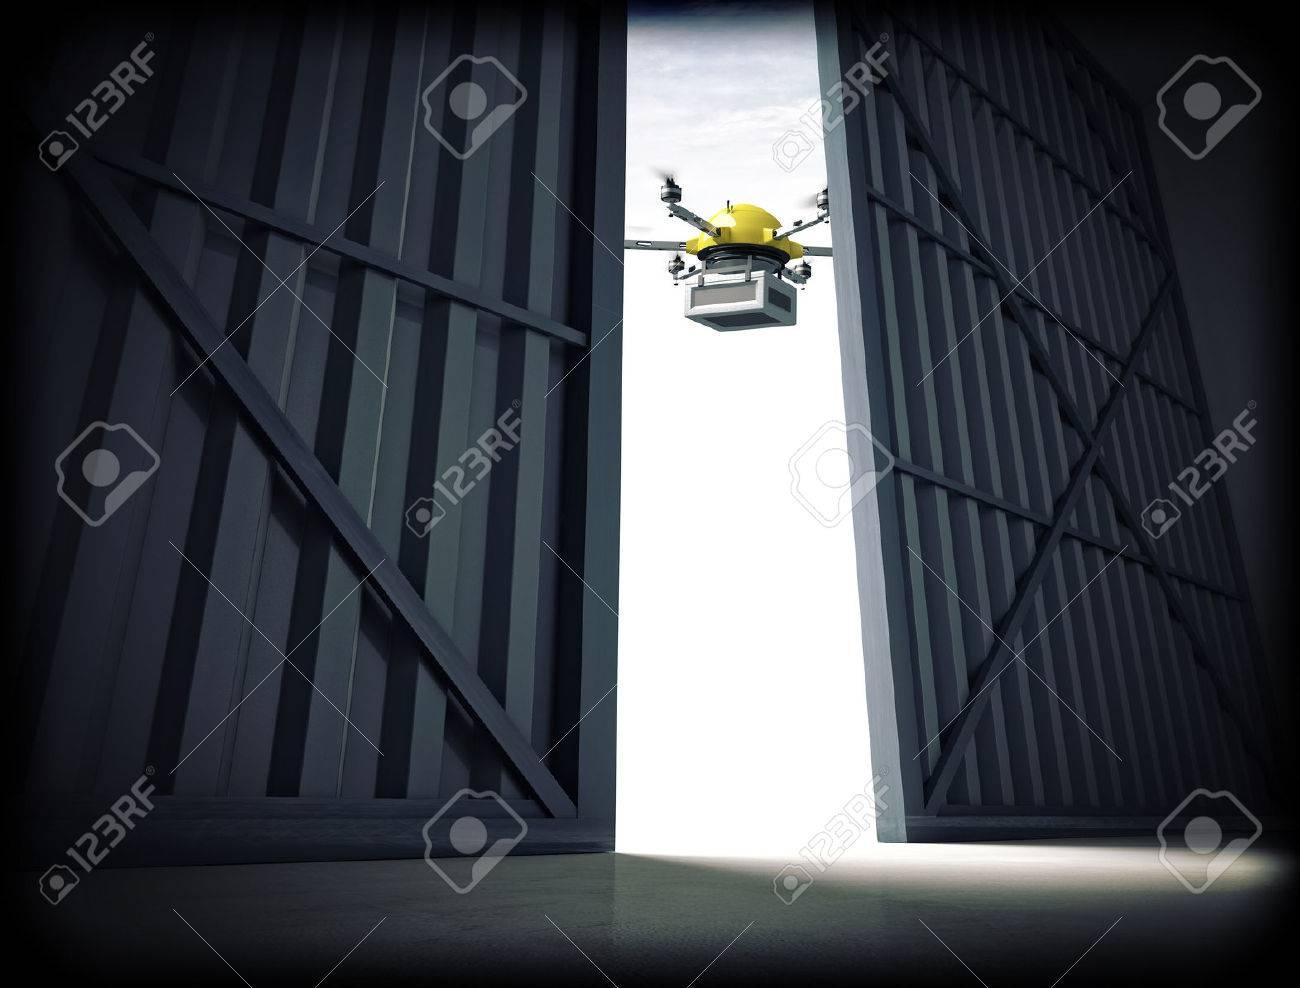 3d image of huge hangar doors and drone - 41152834